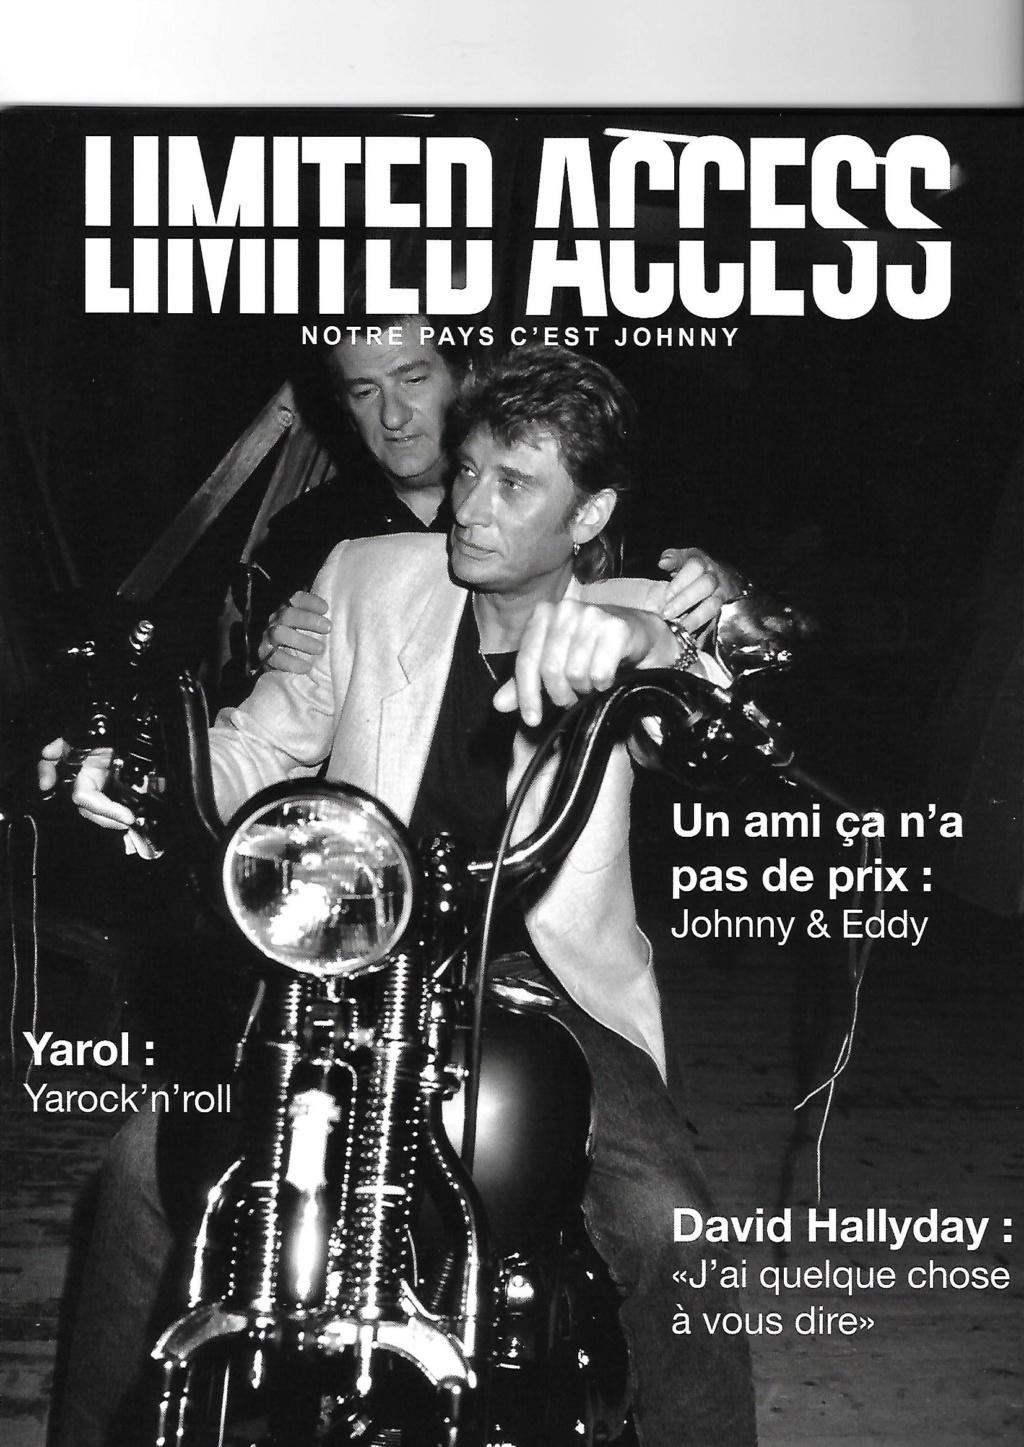 Limited Access La_5111